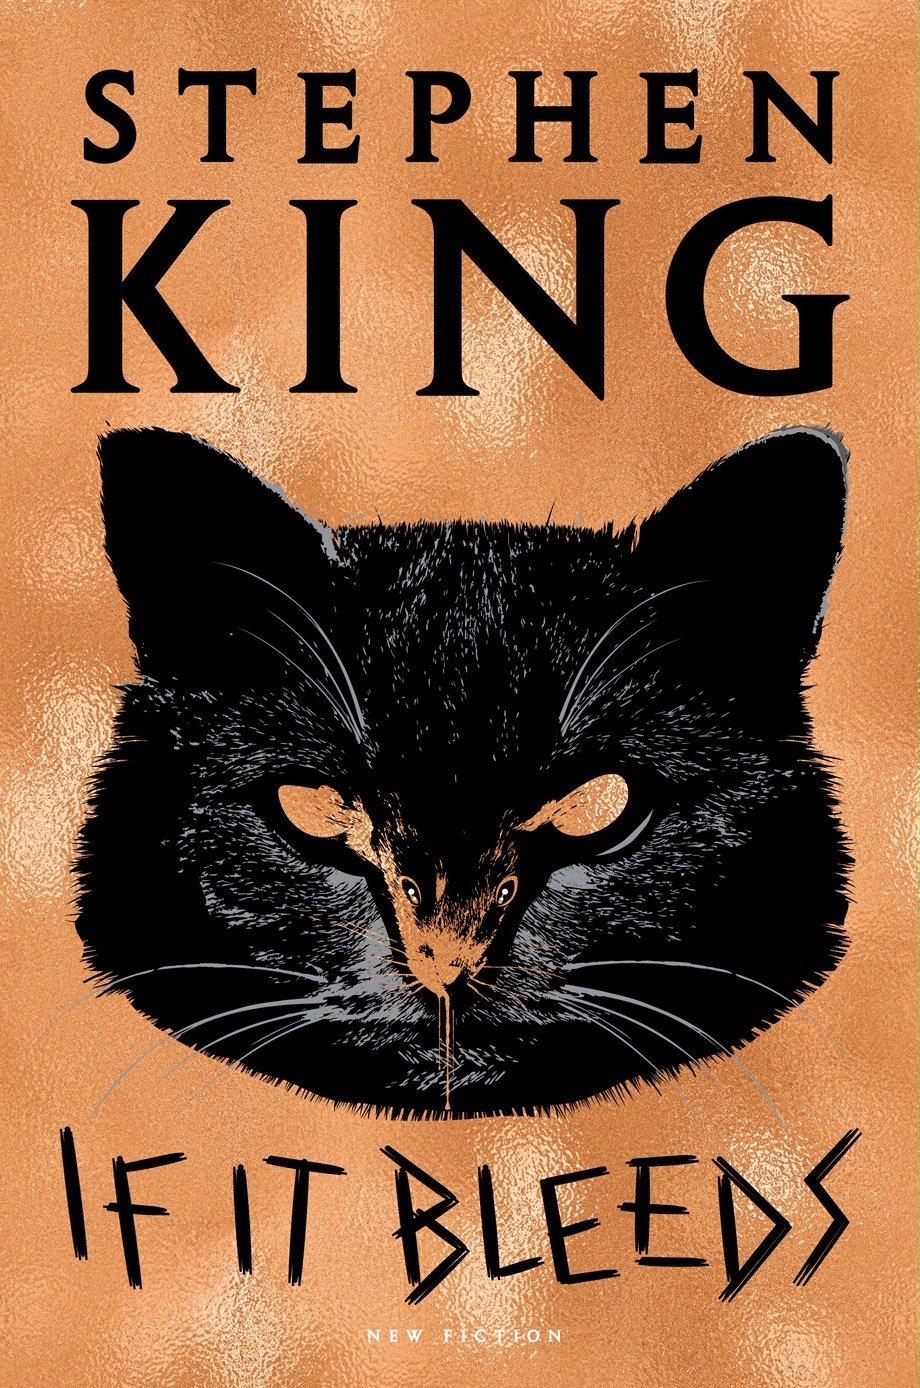 stephen king durmak bilmiyor, yeni roman serisi holly gibney geliyor